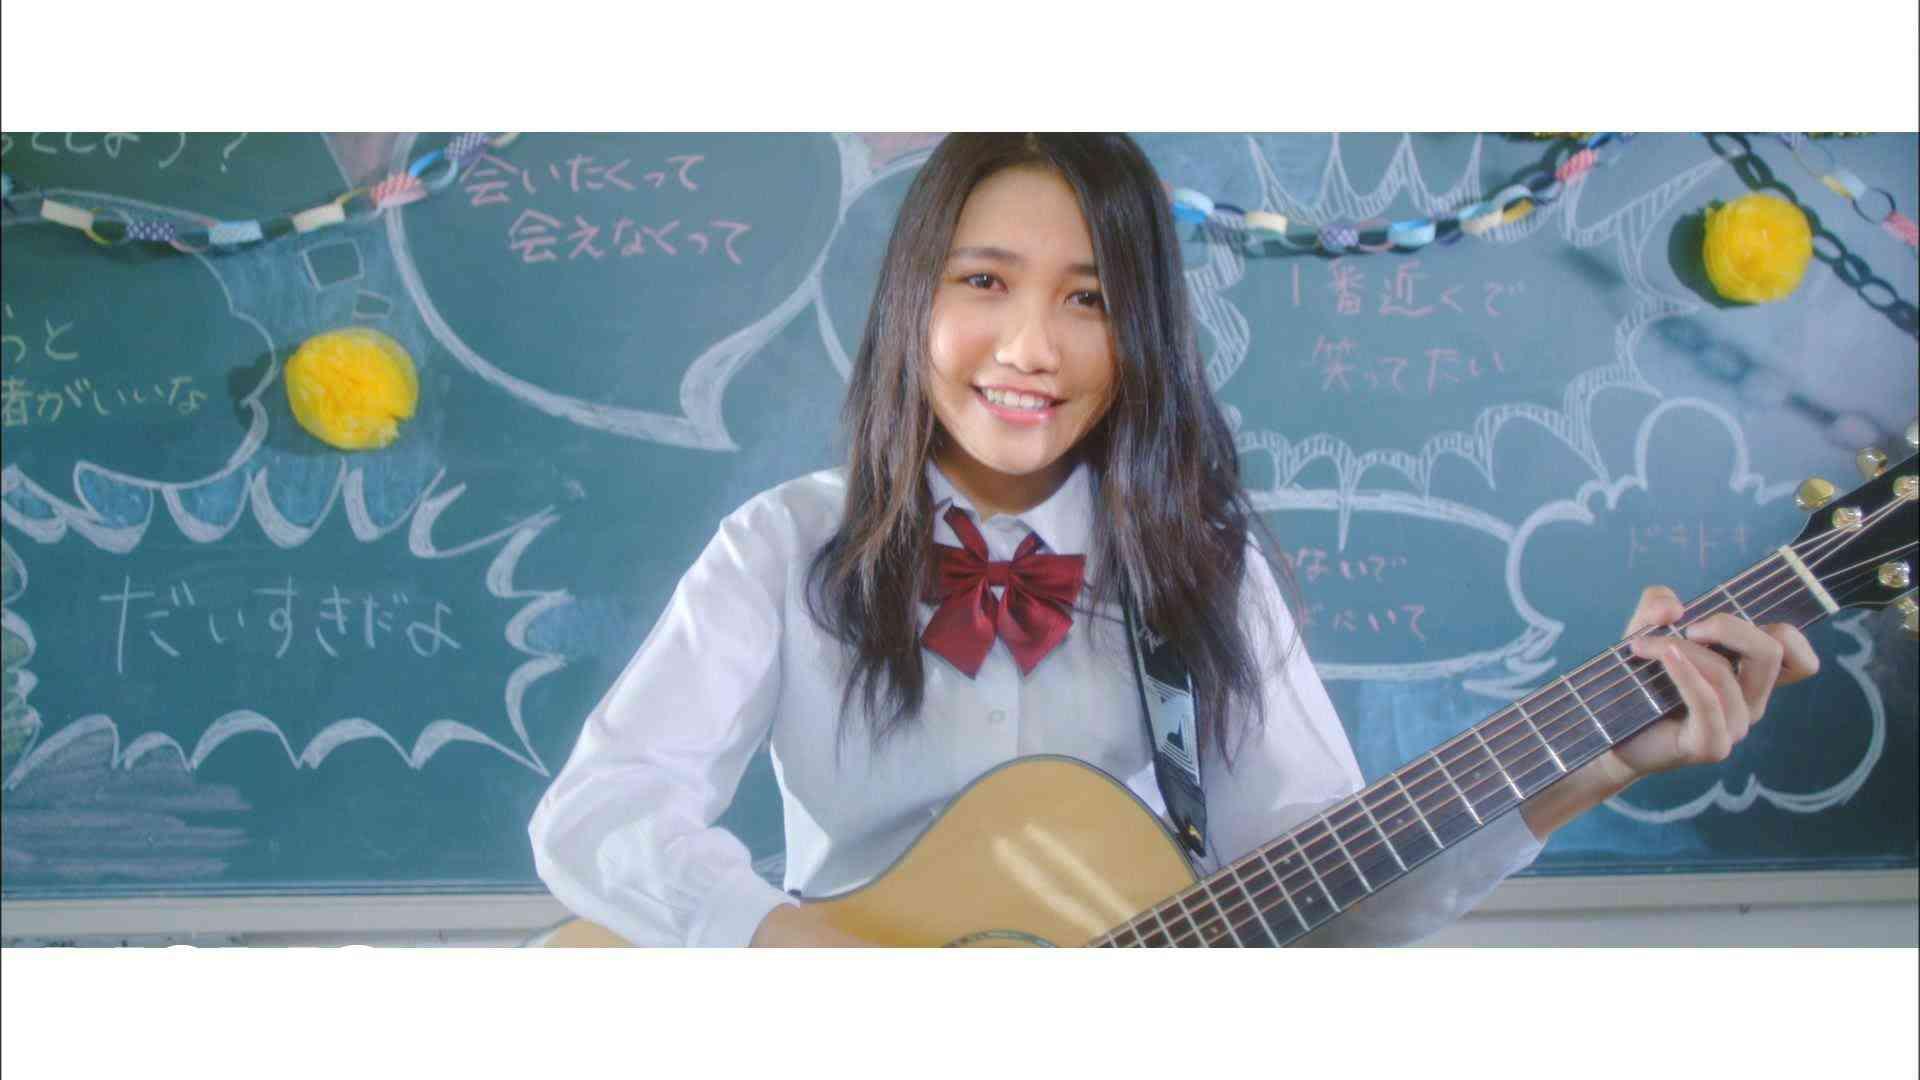 井上苑子 - だいすき。 - YouTube